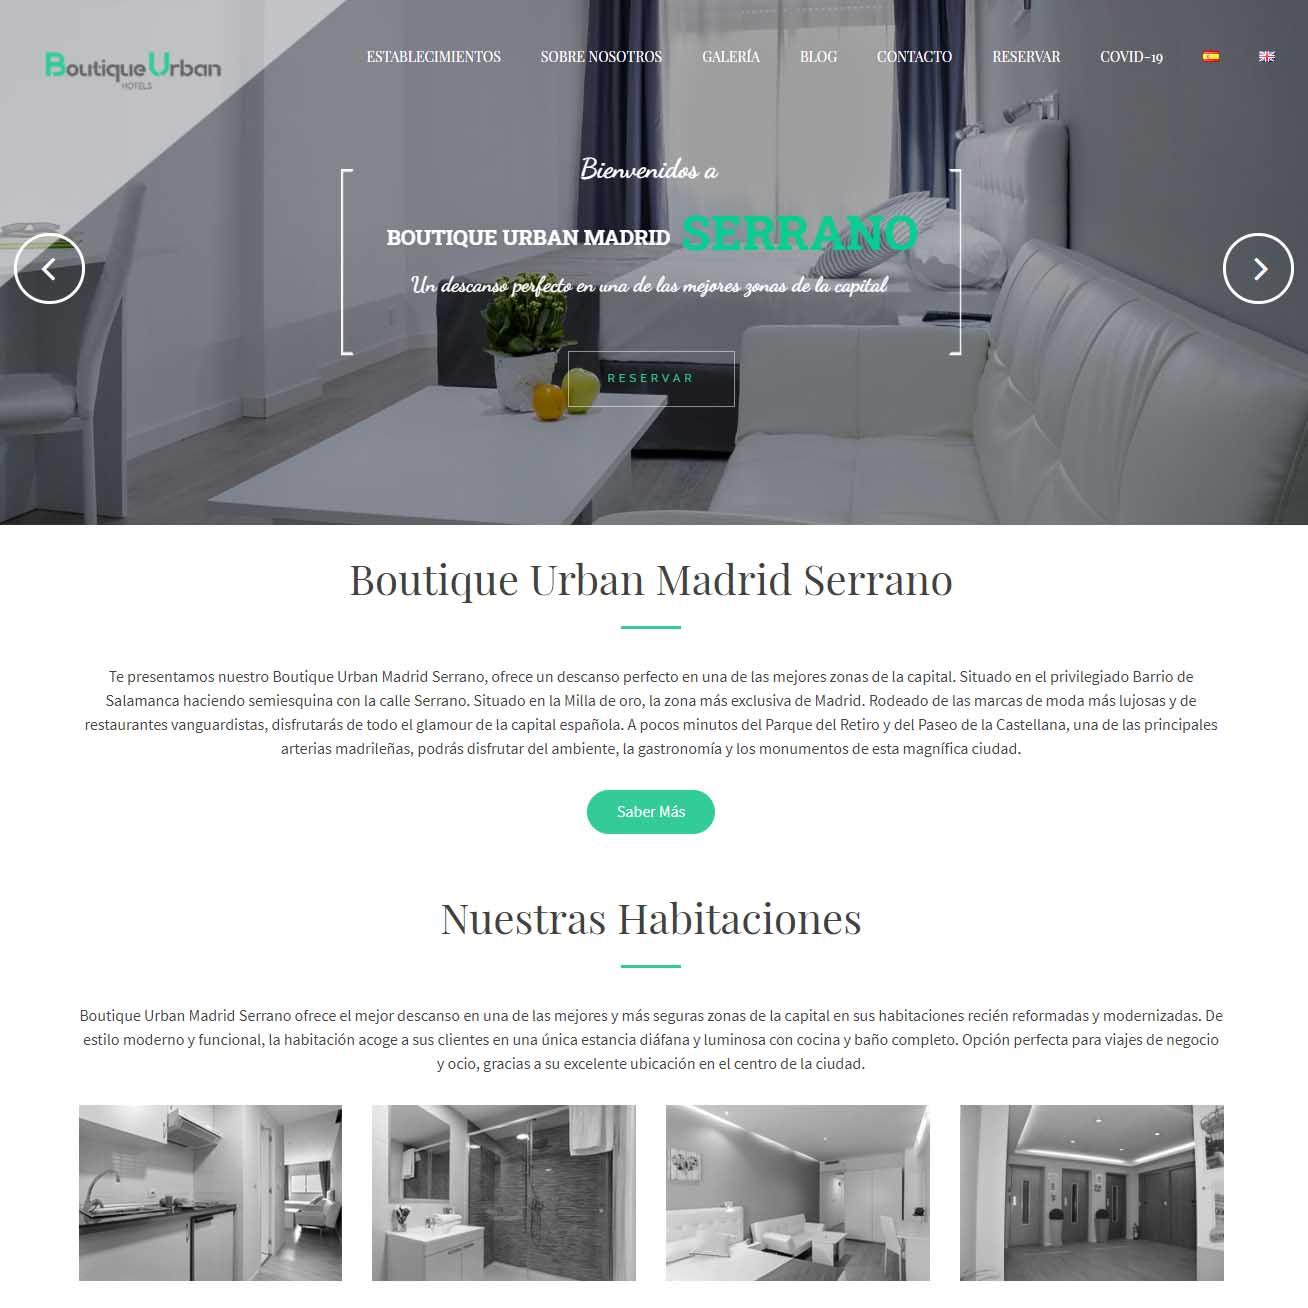 Diseño-web-Boutique-Urban-Hotels